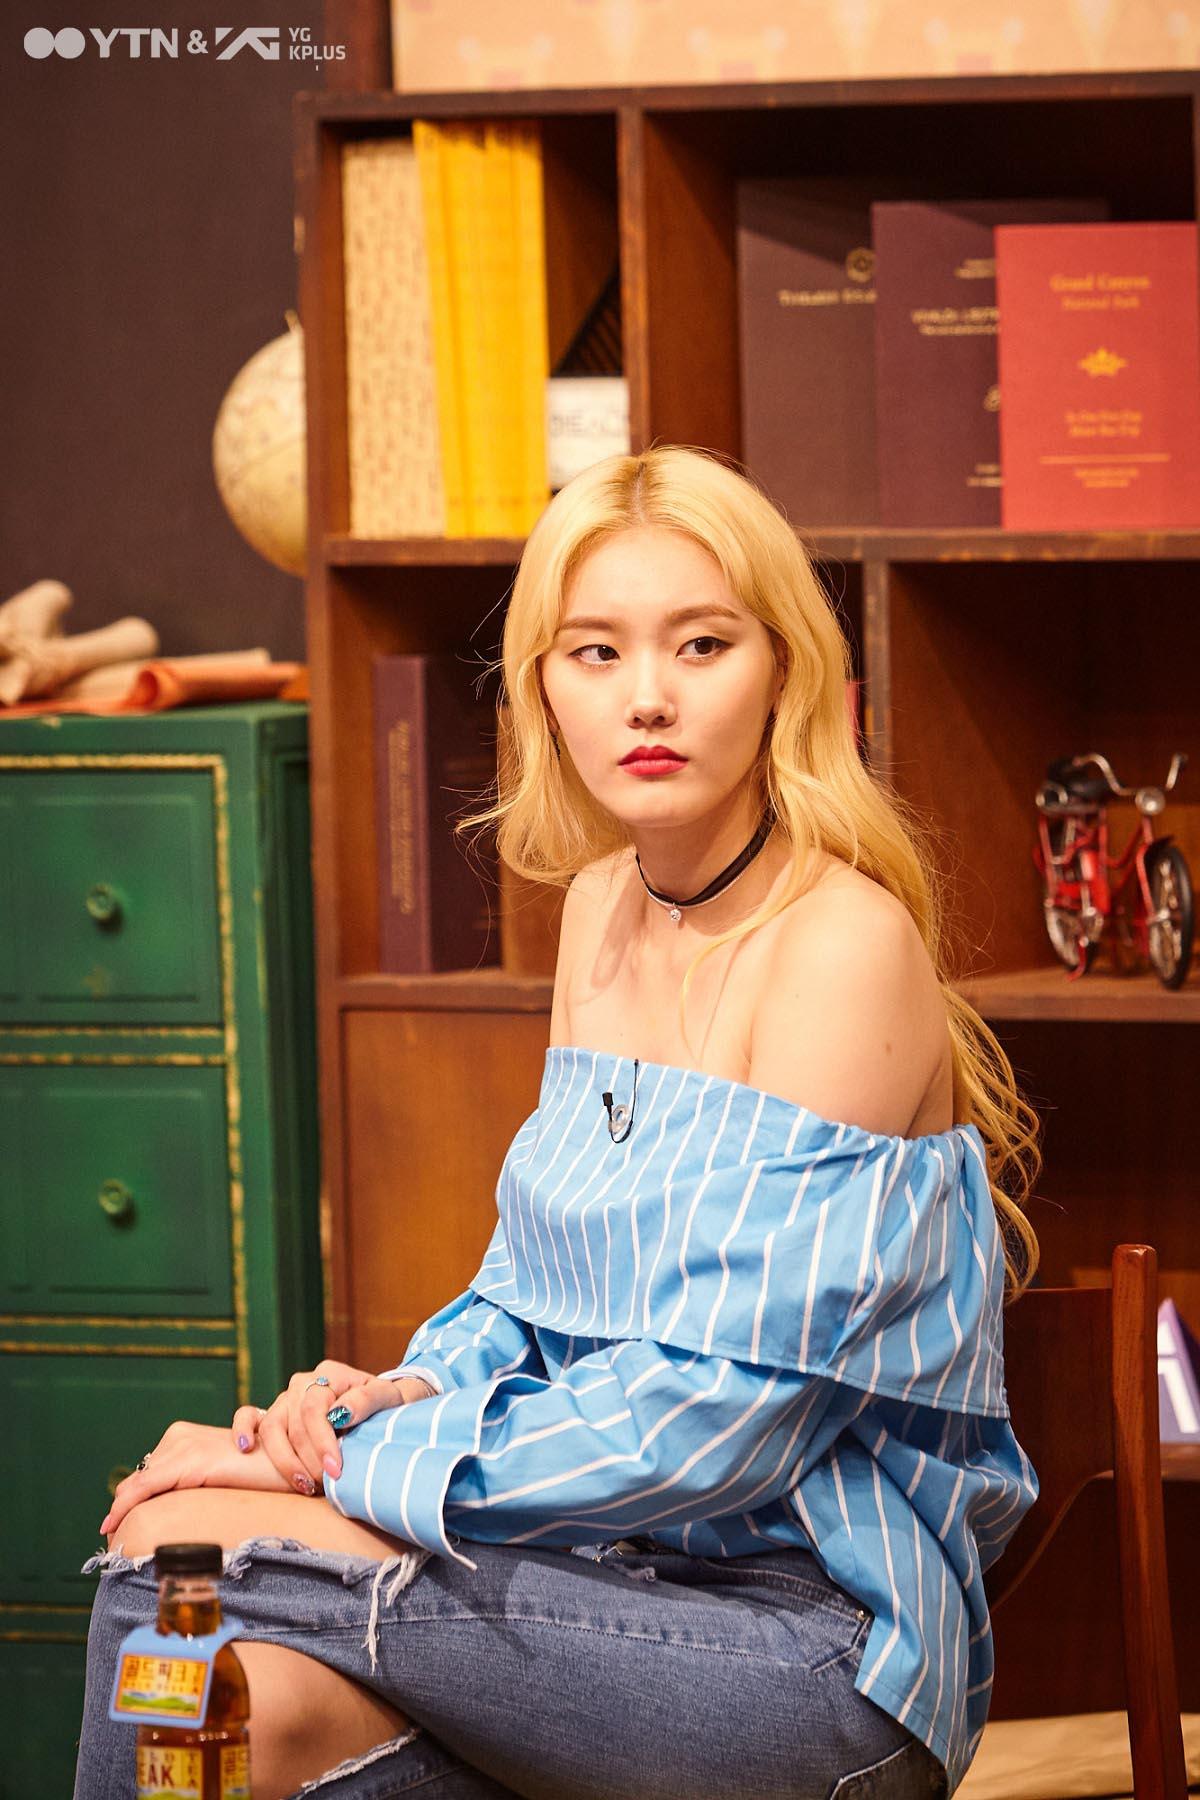 심소영, '하트 시그널'에서 리액션 여왕 등극! 종영 소감